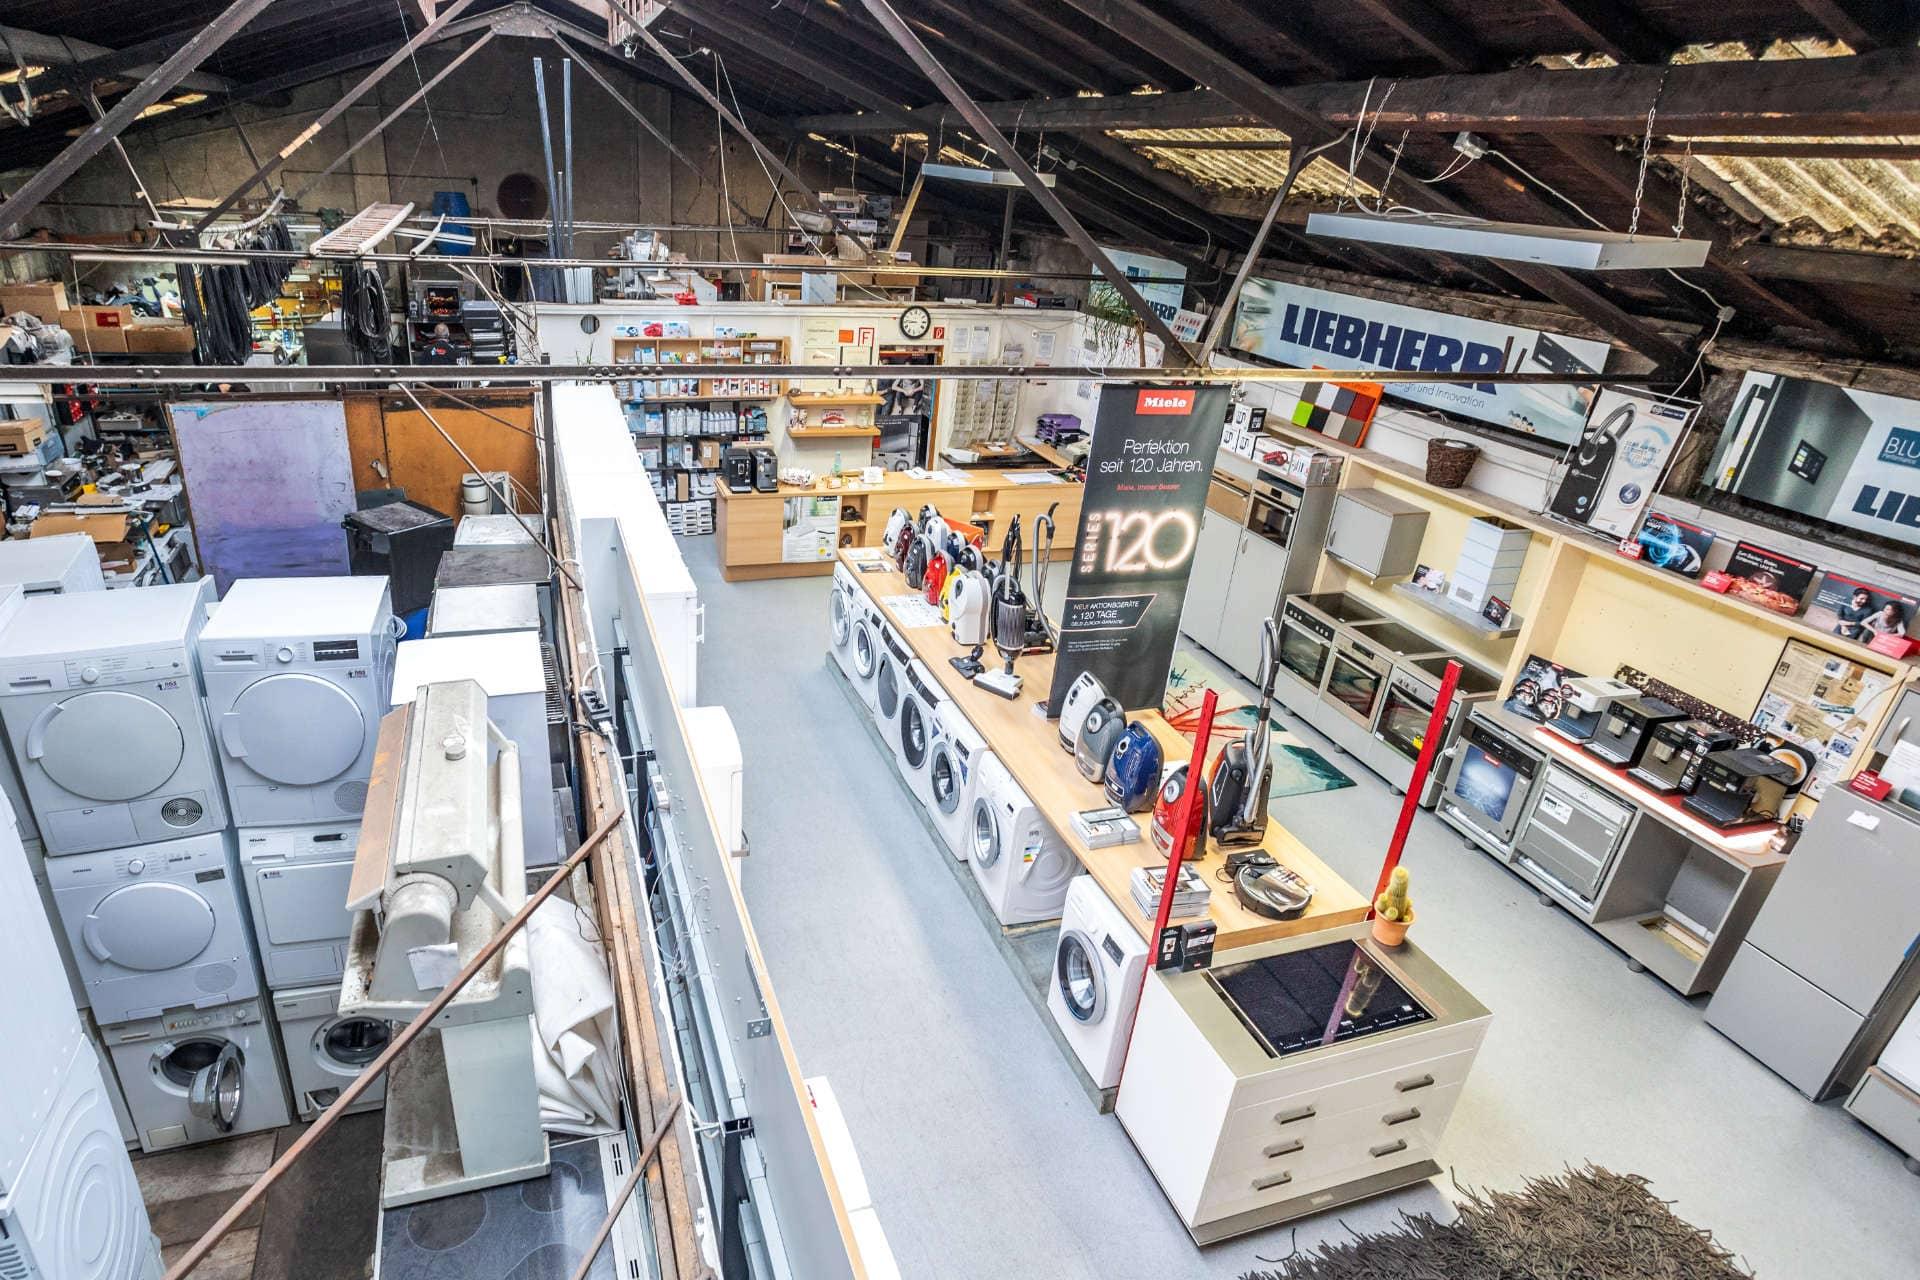 Neu- und Gebrauchtgeräte in der AGS Hausgeräte Kundenservice GmbH